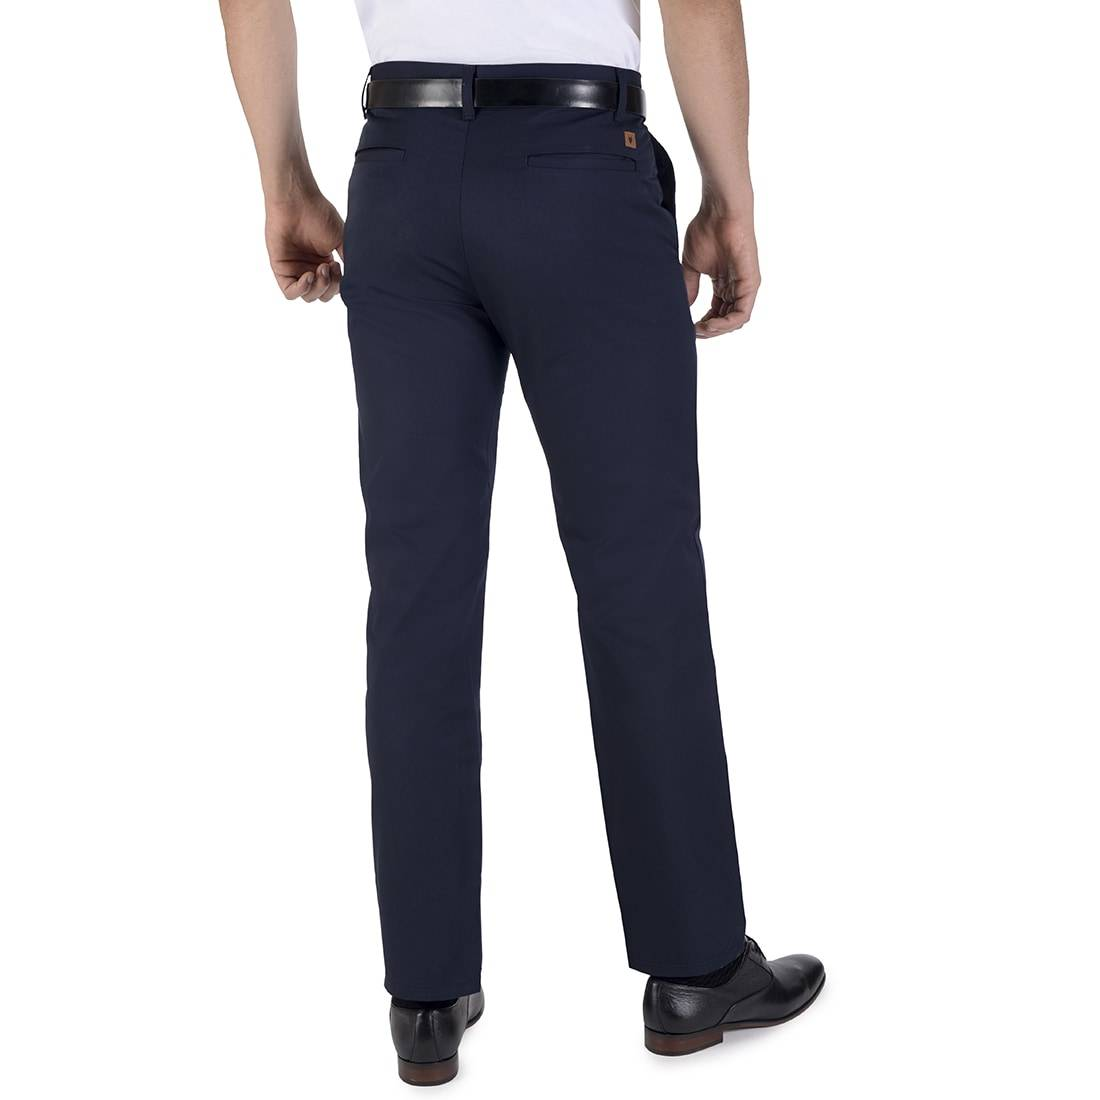 010920418919-02-Pantalon-Casual-Slim-Fit-Marino-yale